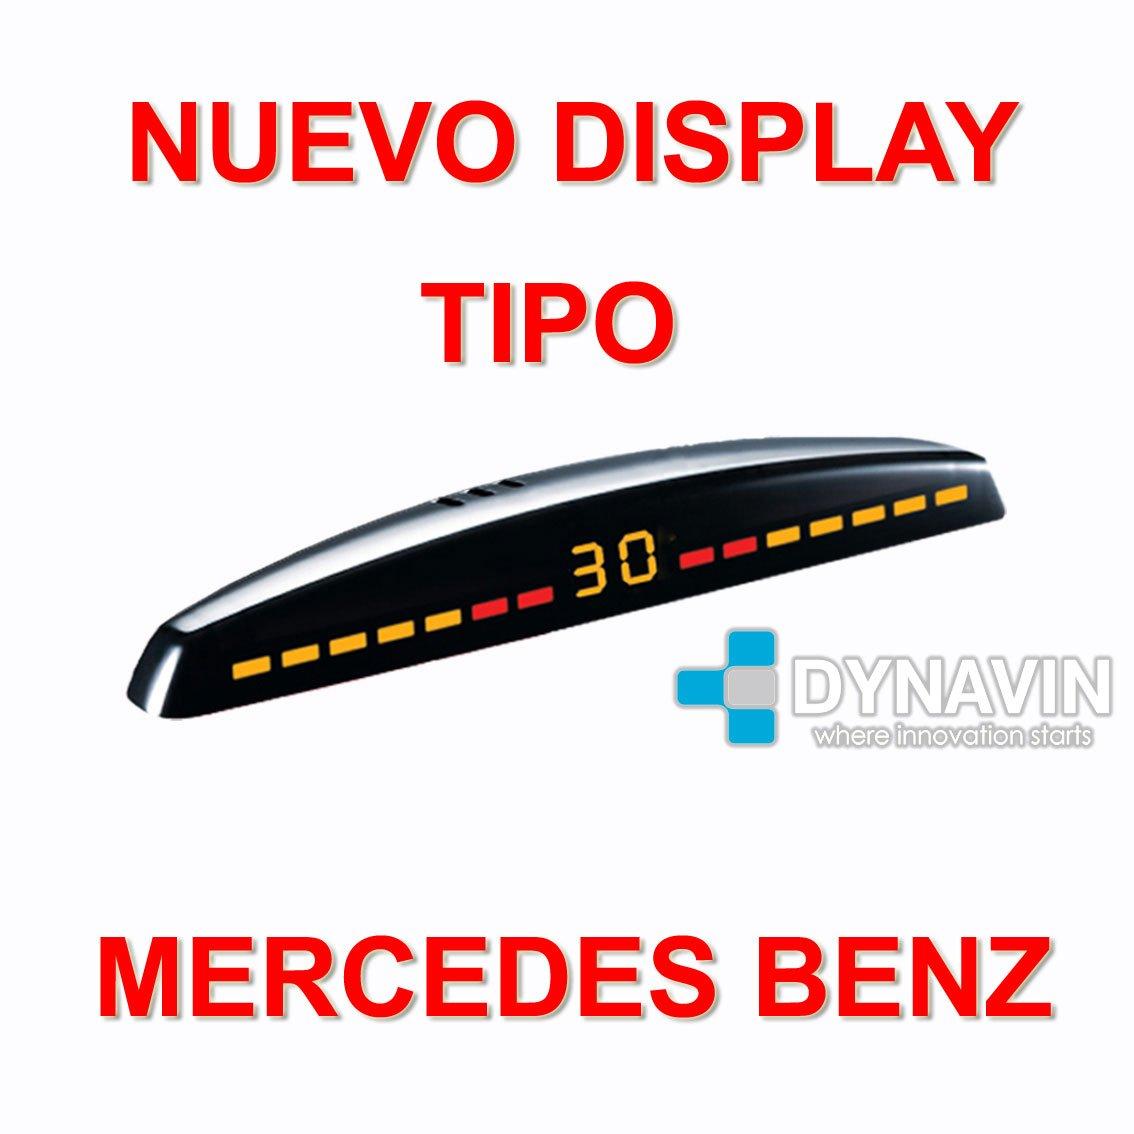 Dynavin Sensor de Parking con Display led Tipo Mercedes Benz ...